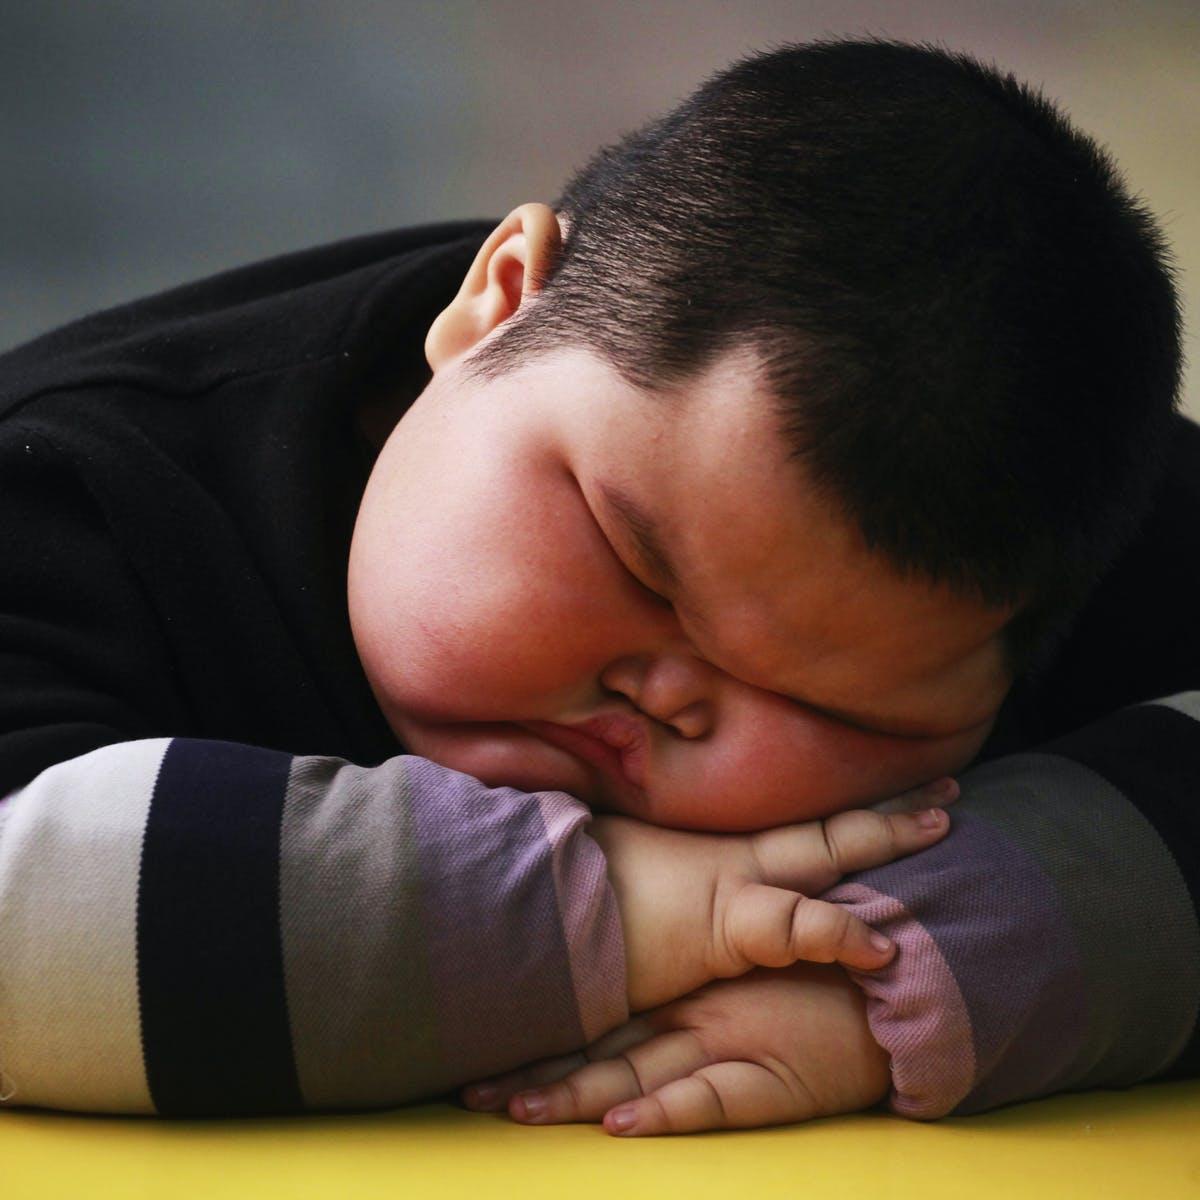 مراقب چاقی کودکان در این دوران باشید